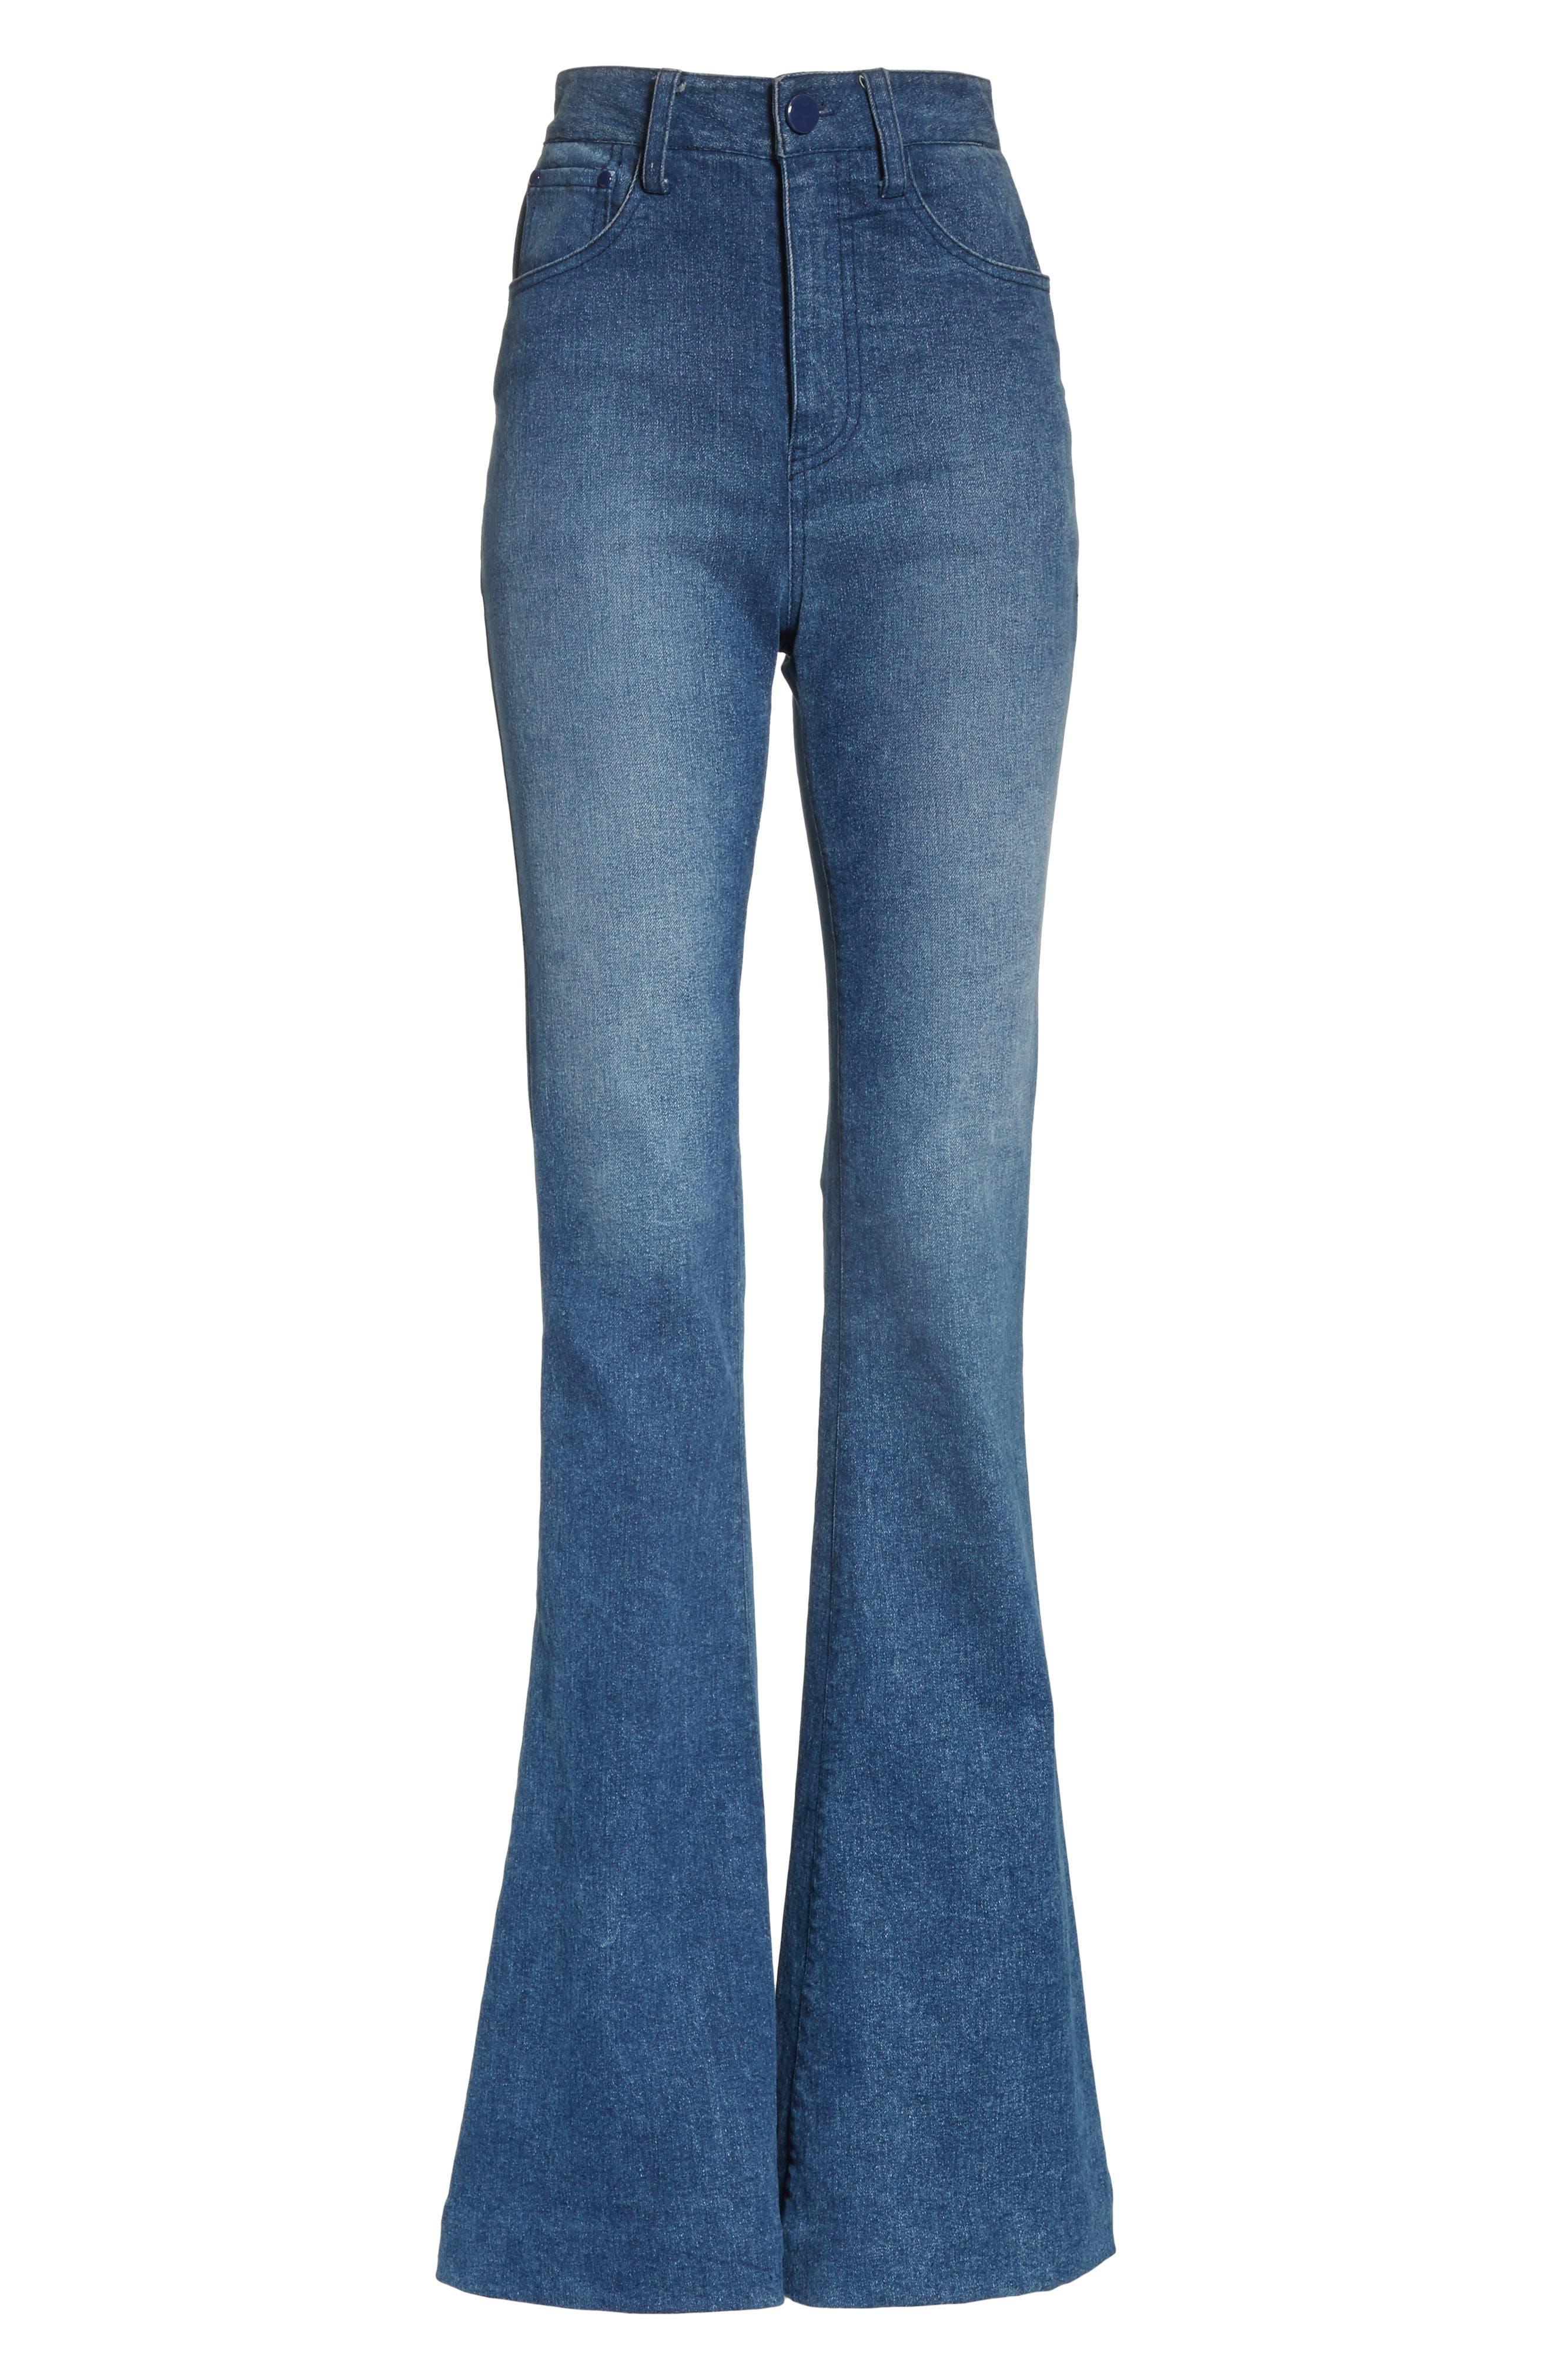 High Waist Bell Bottom Jeans,                             Alternate thumbnail 6, color,                             400